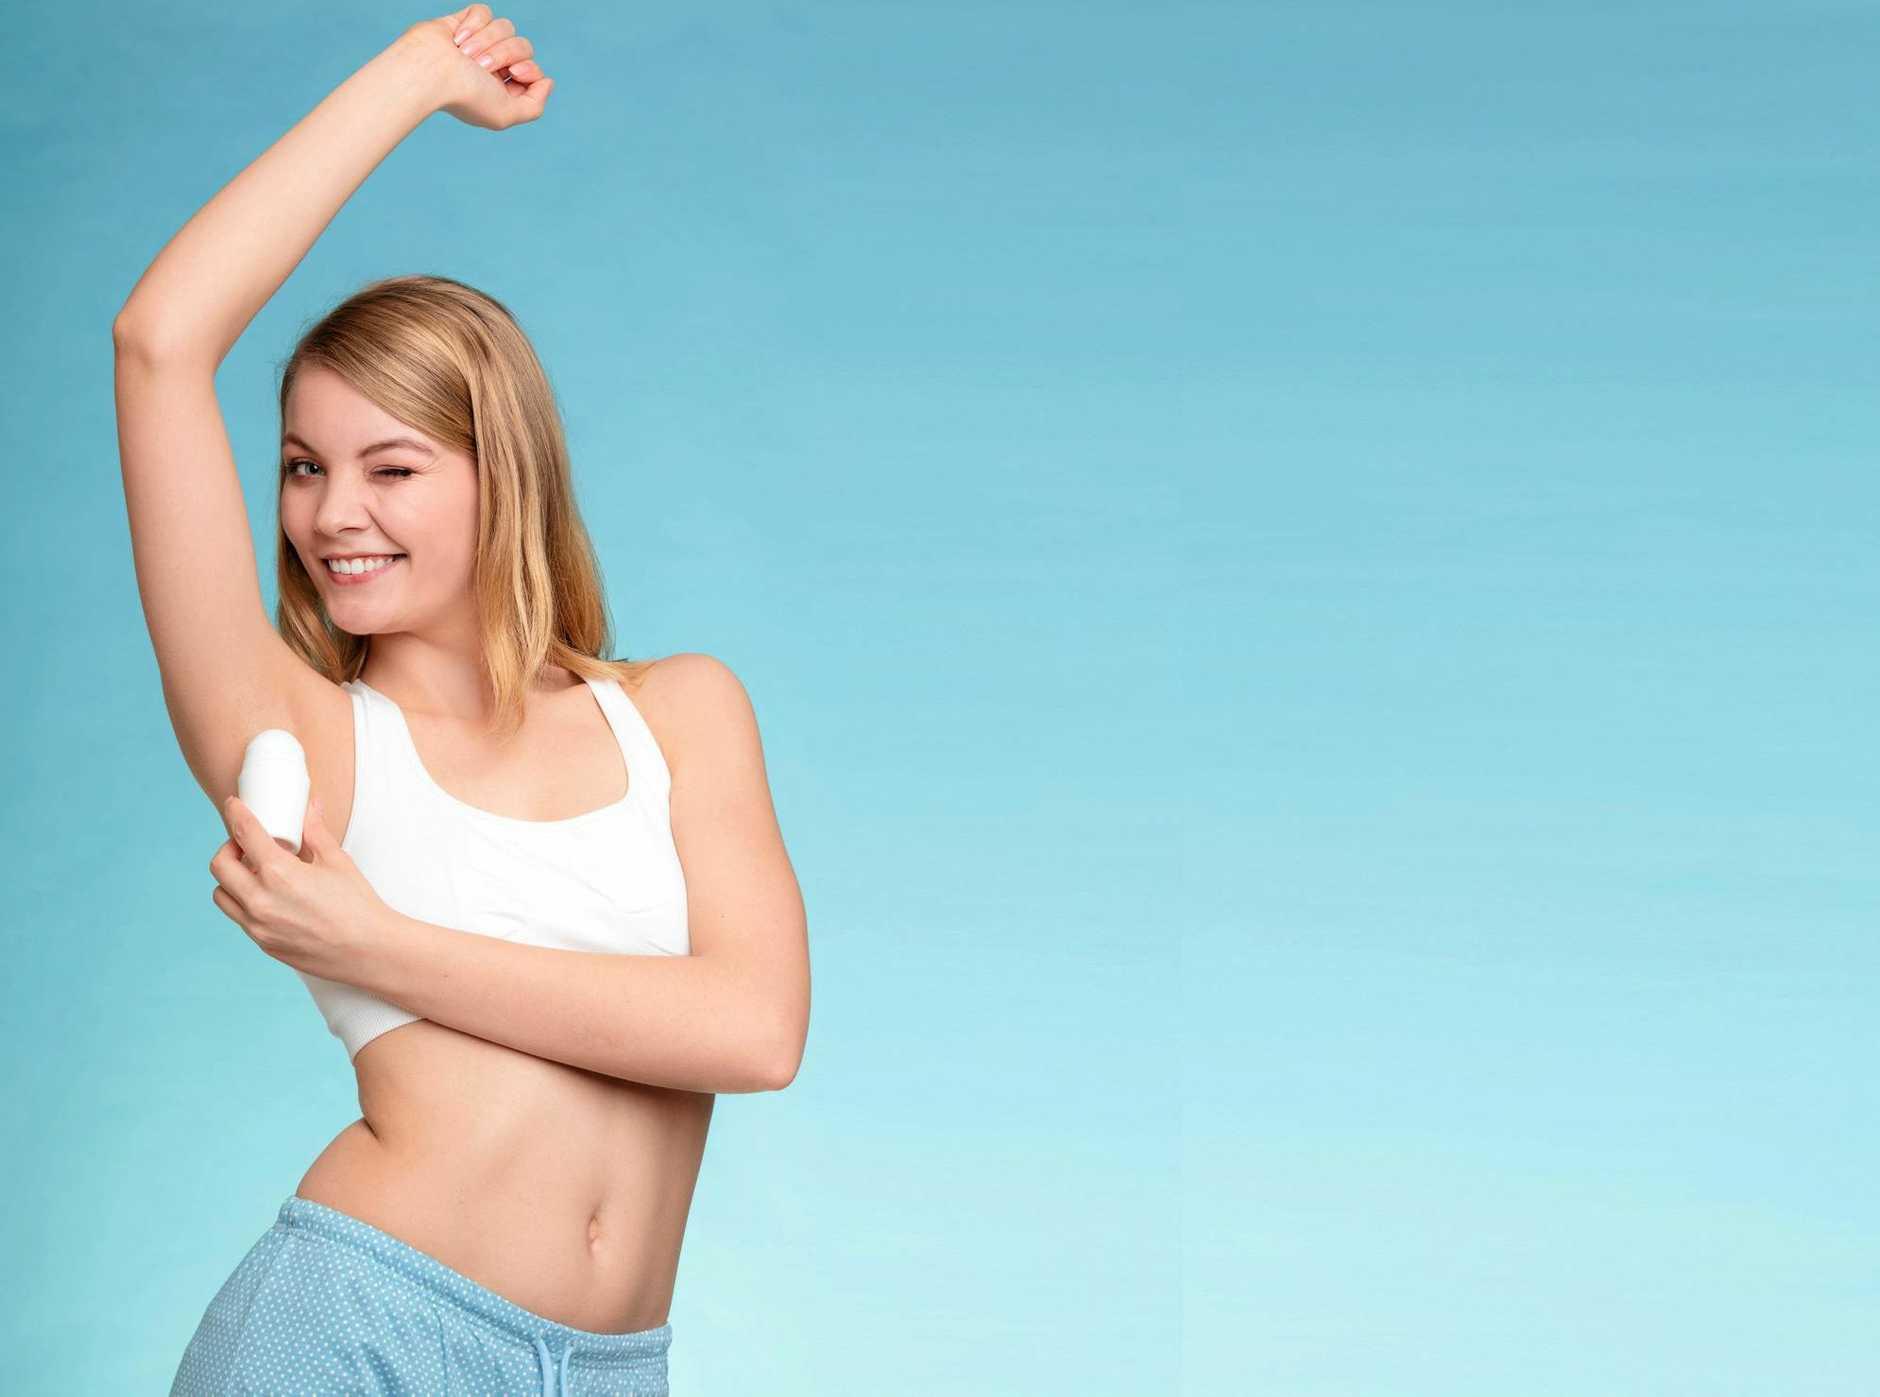 Make your armpits happy the natural way.